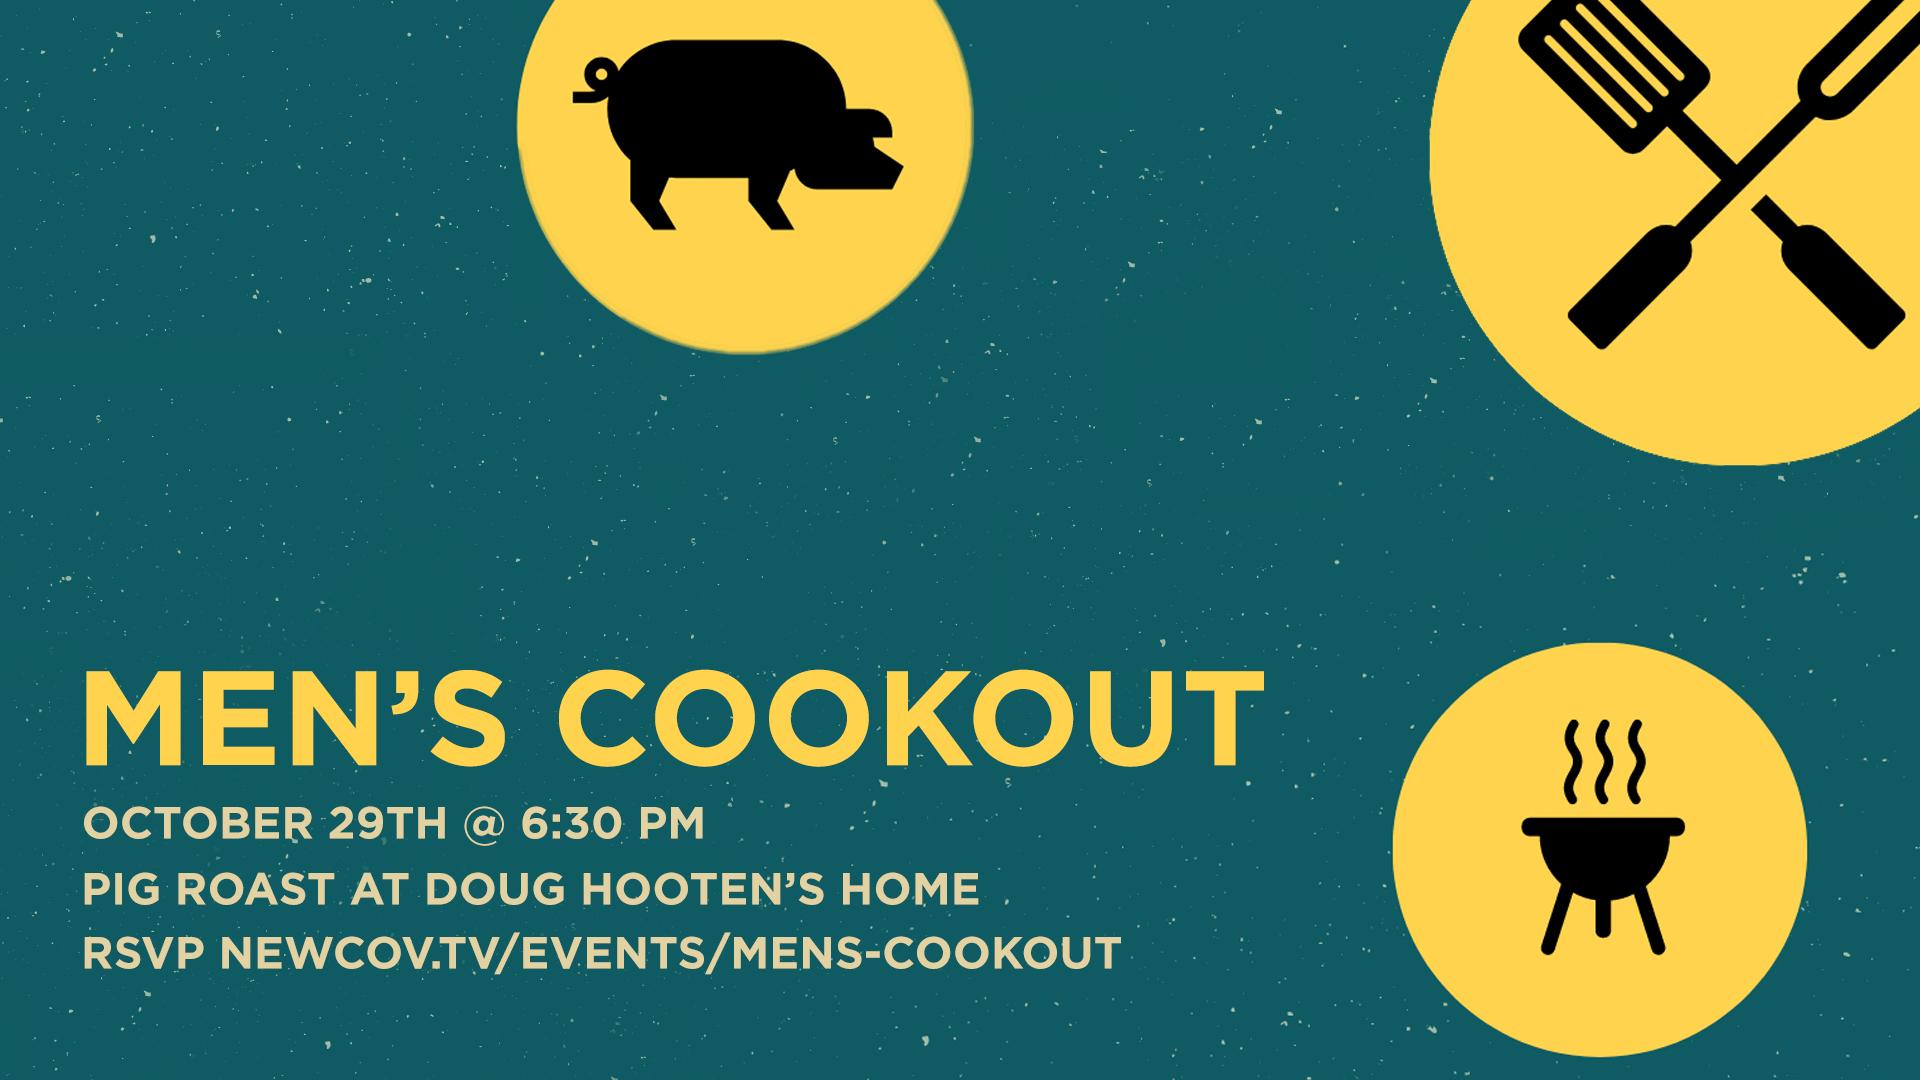 Men's-Cookout-2019.jpg